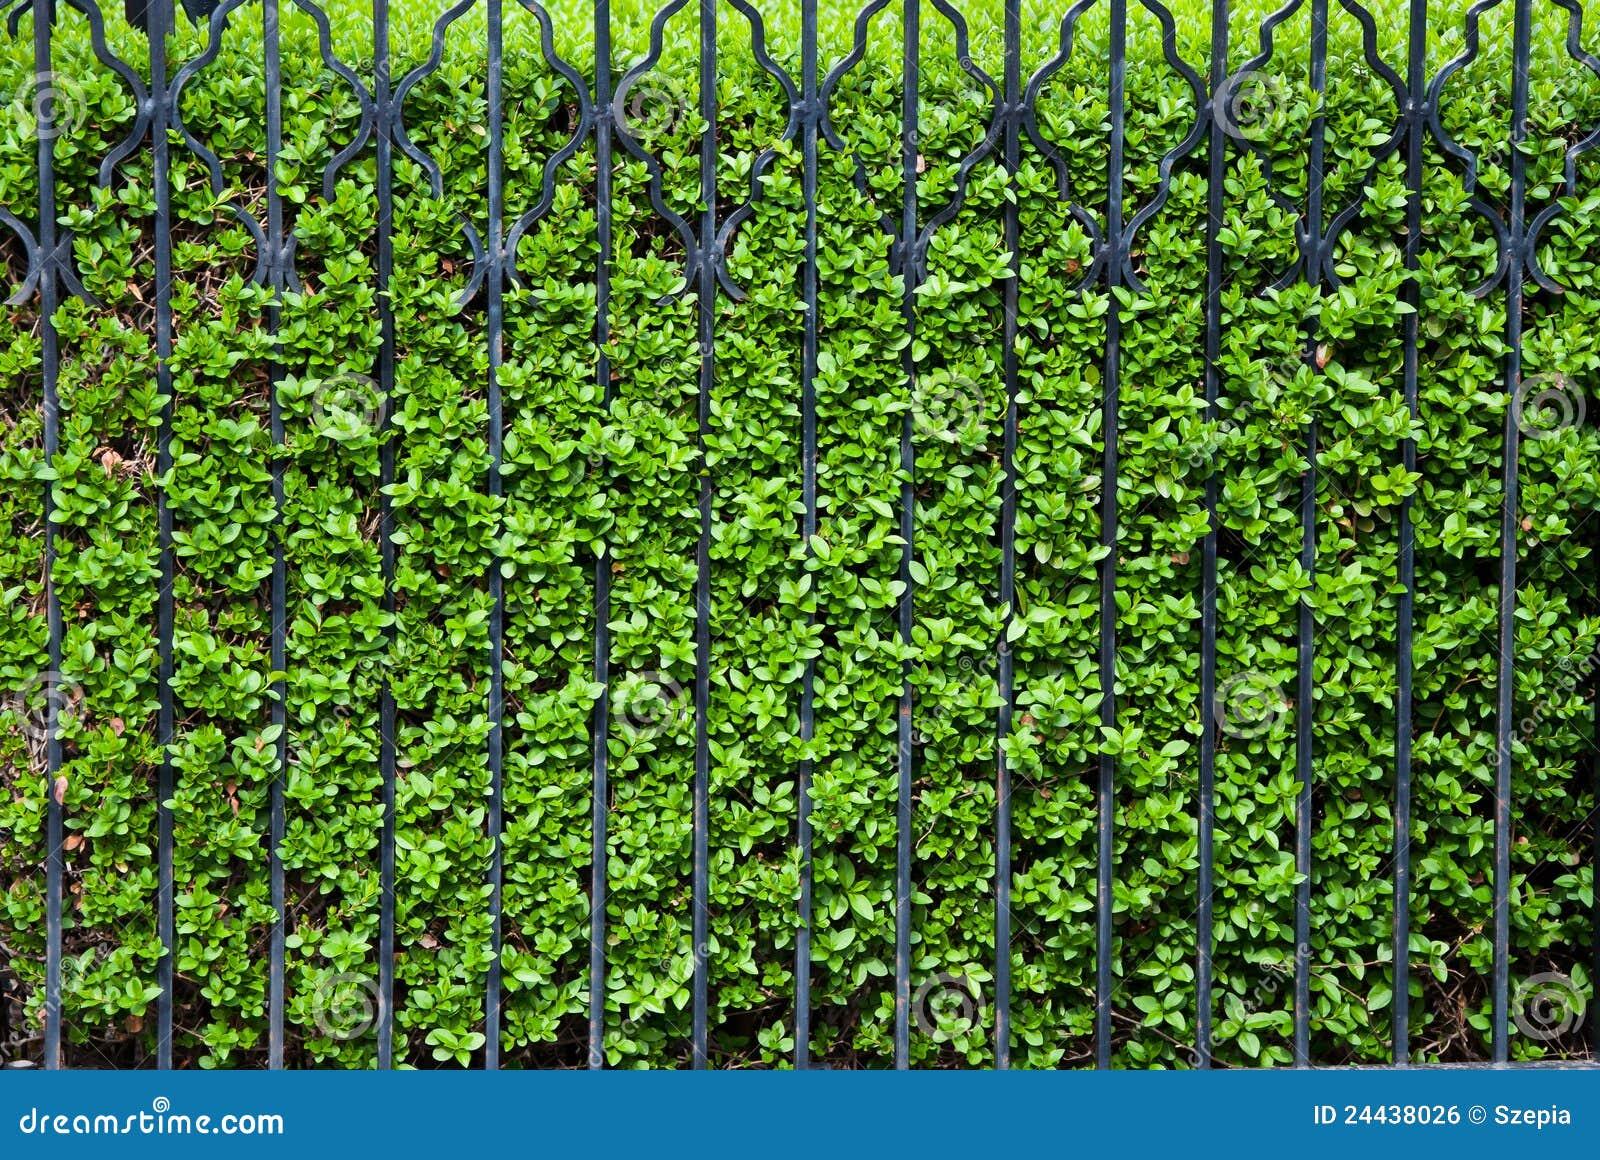 Grüner Zaun stockfoto Bild von hecke metall klassisch